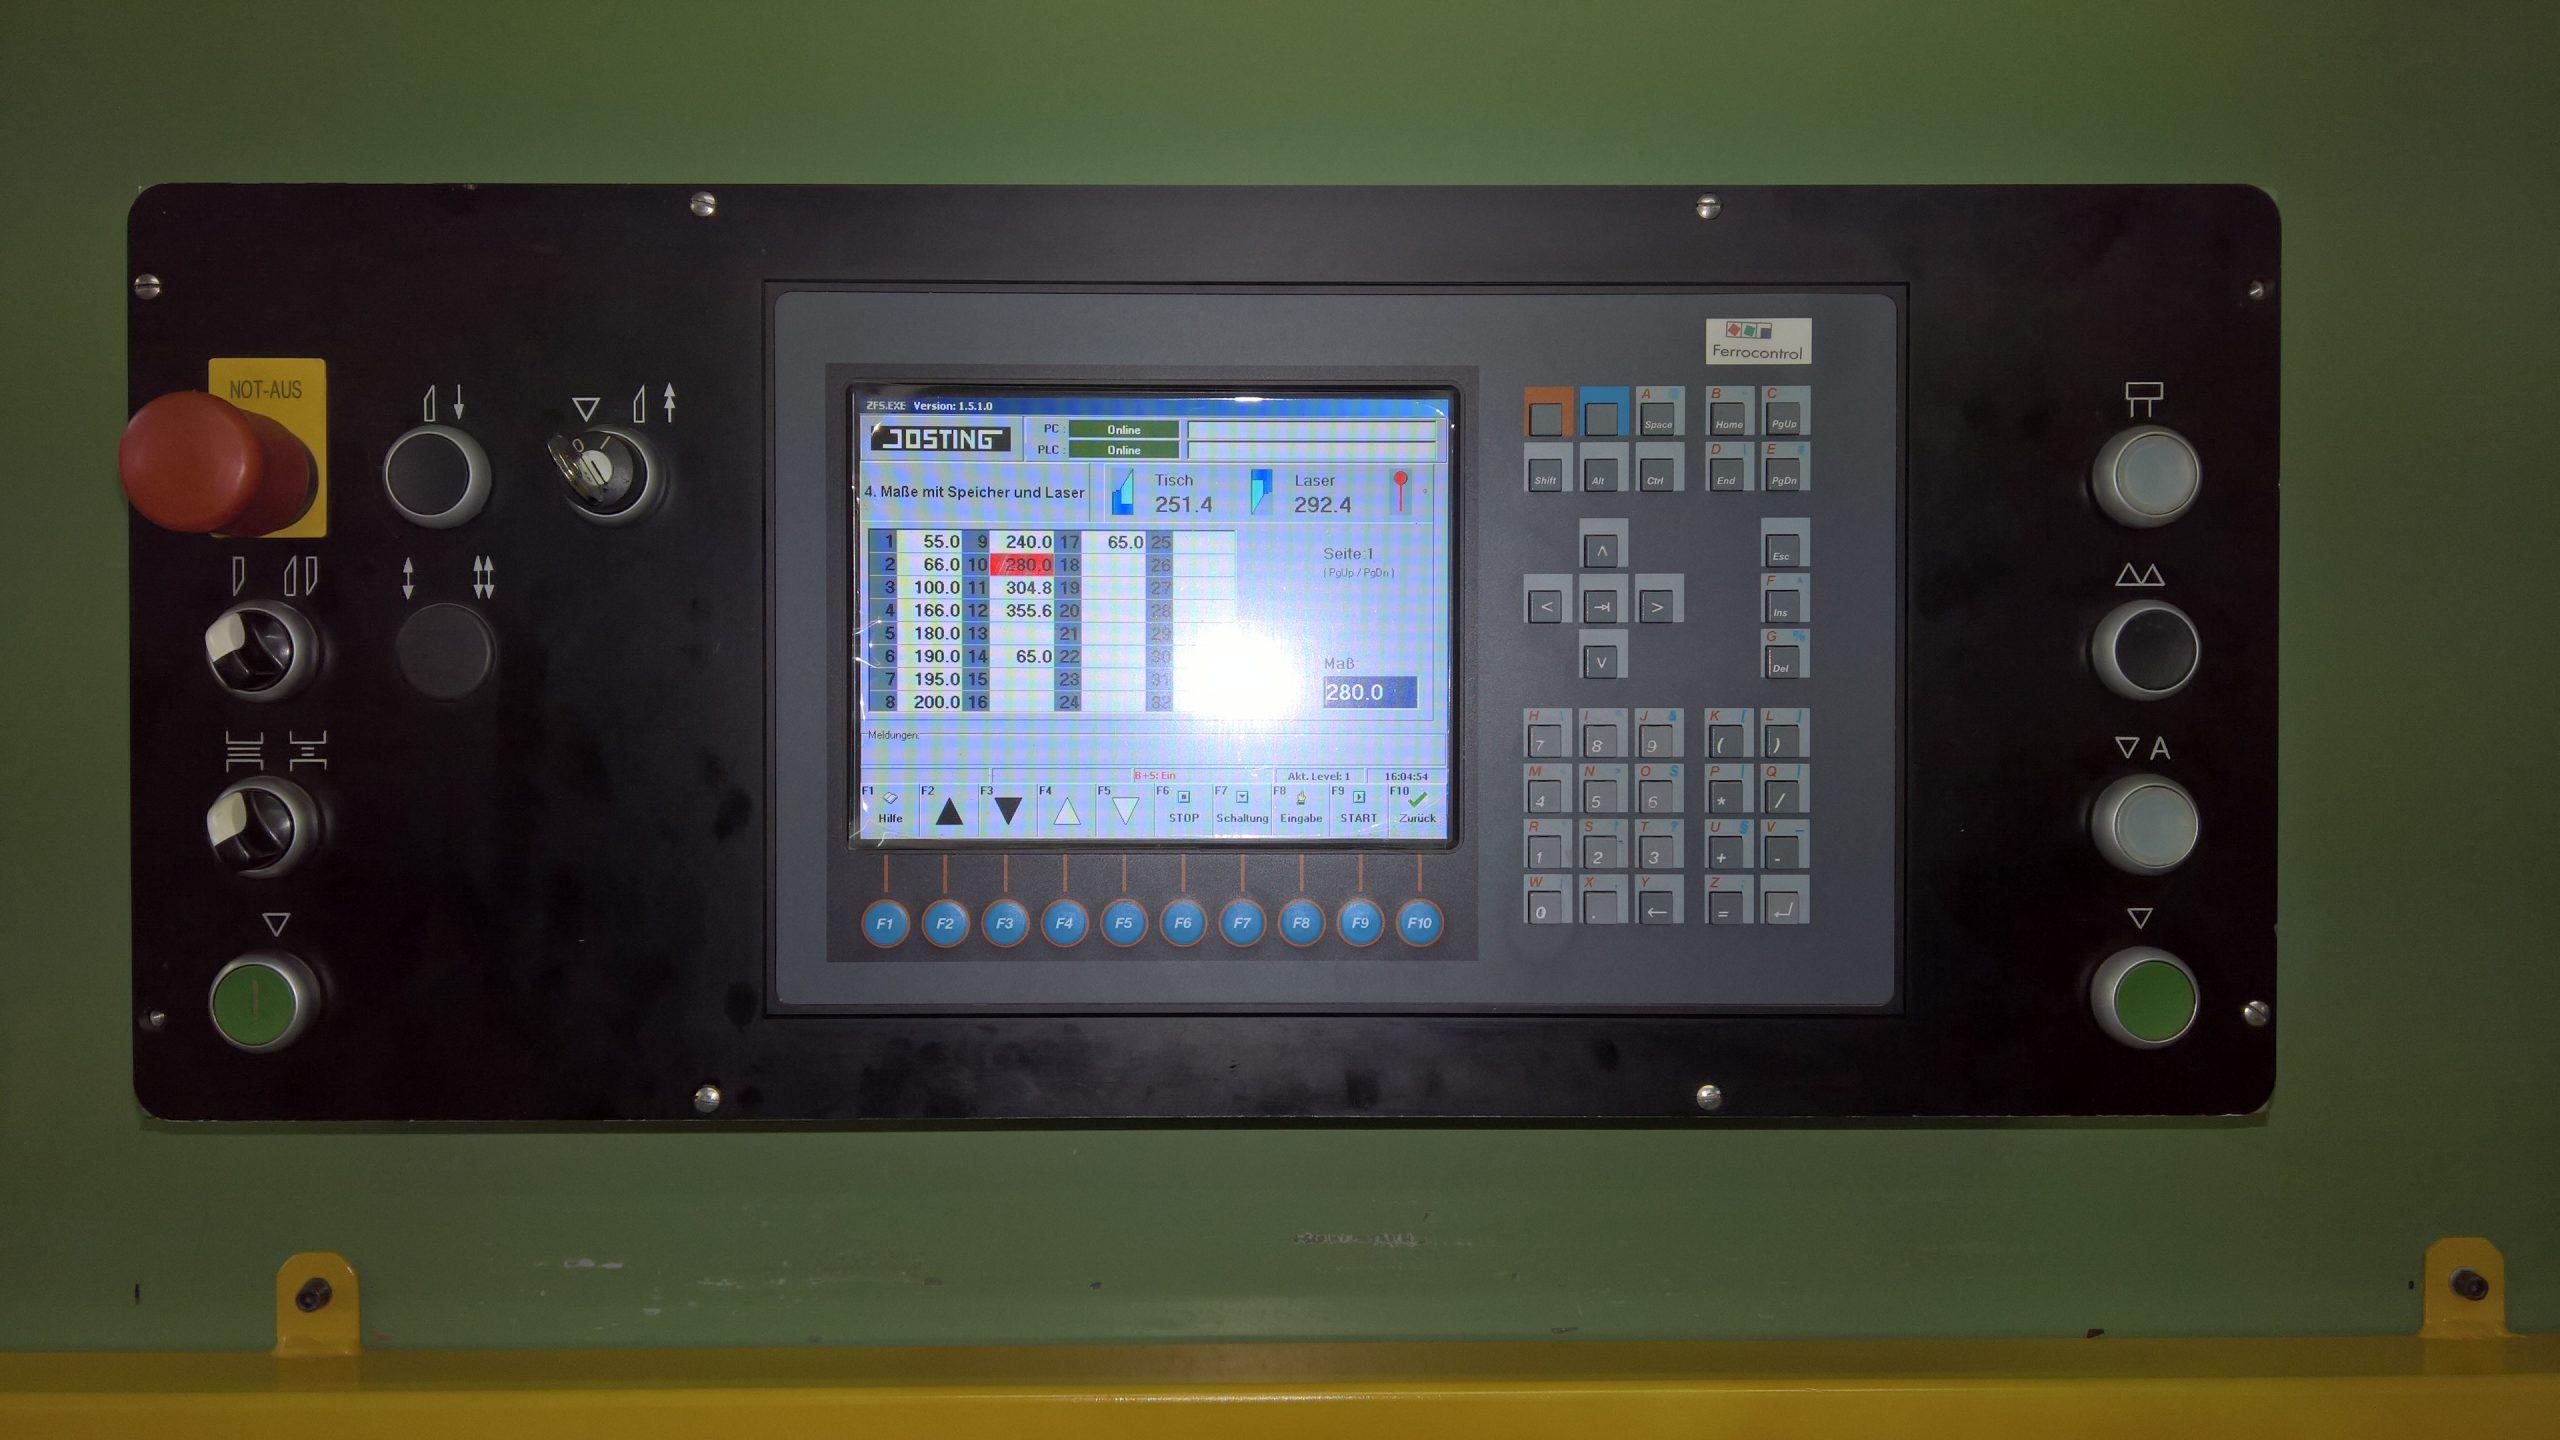 JOSTING ZFS 2800 Doppelpaketschere - 11 -